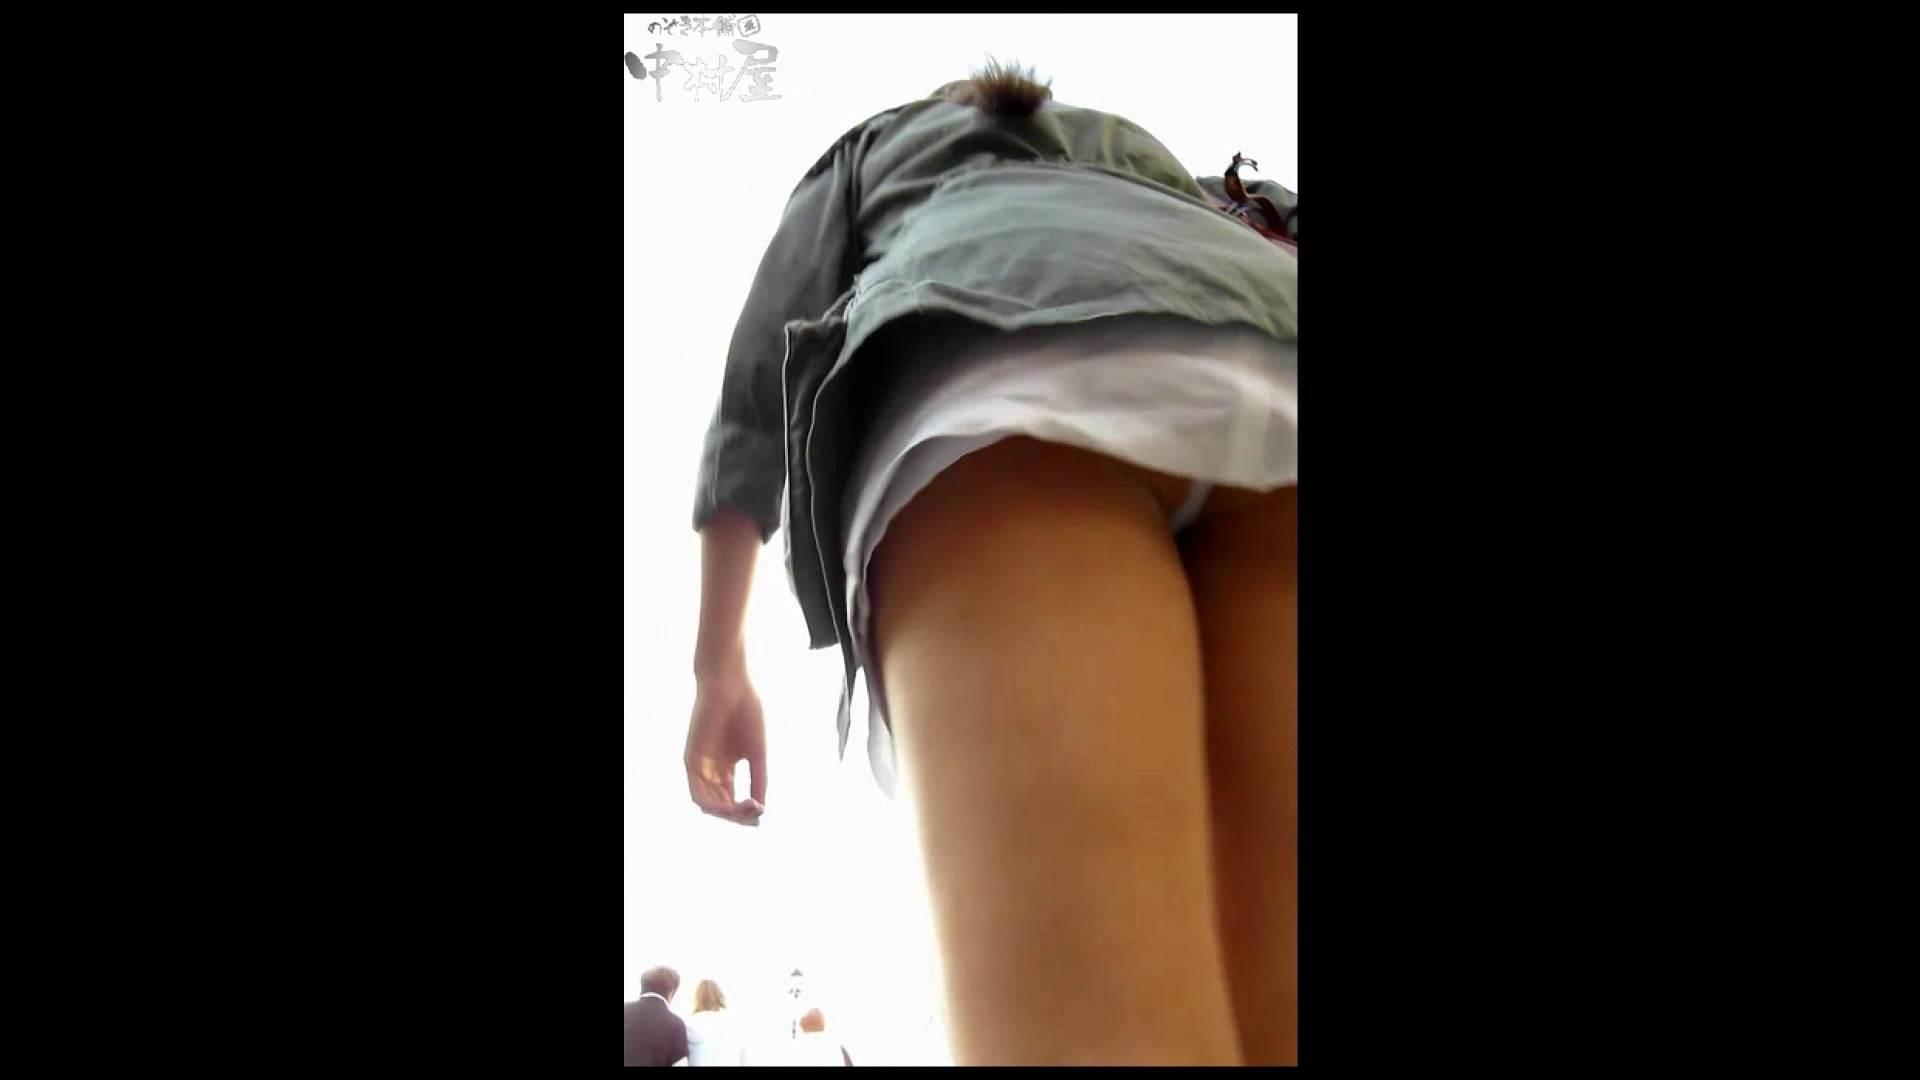 綺麗なモデルさんのスカート捲っちゃおう‼ vol29 0  68pic 10